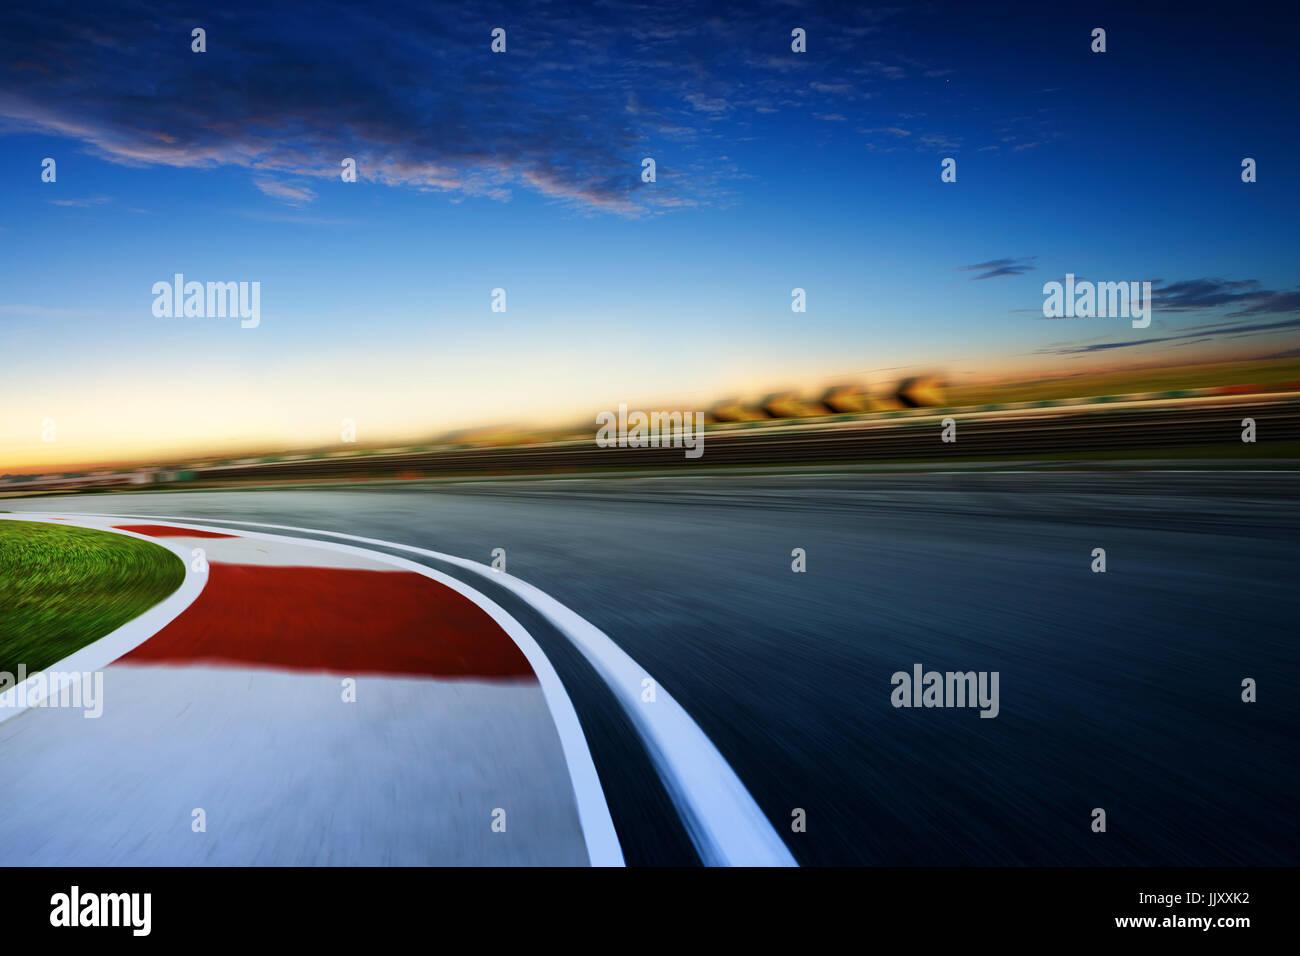 Moto autodromo sfocata ,l'umore a freddo , la mattina presto scena . Immagini Stock